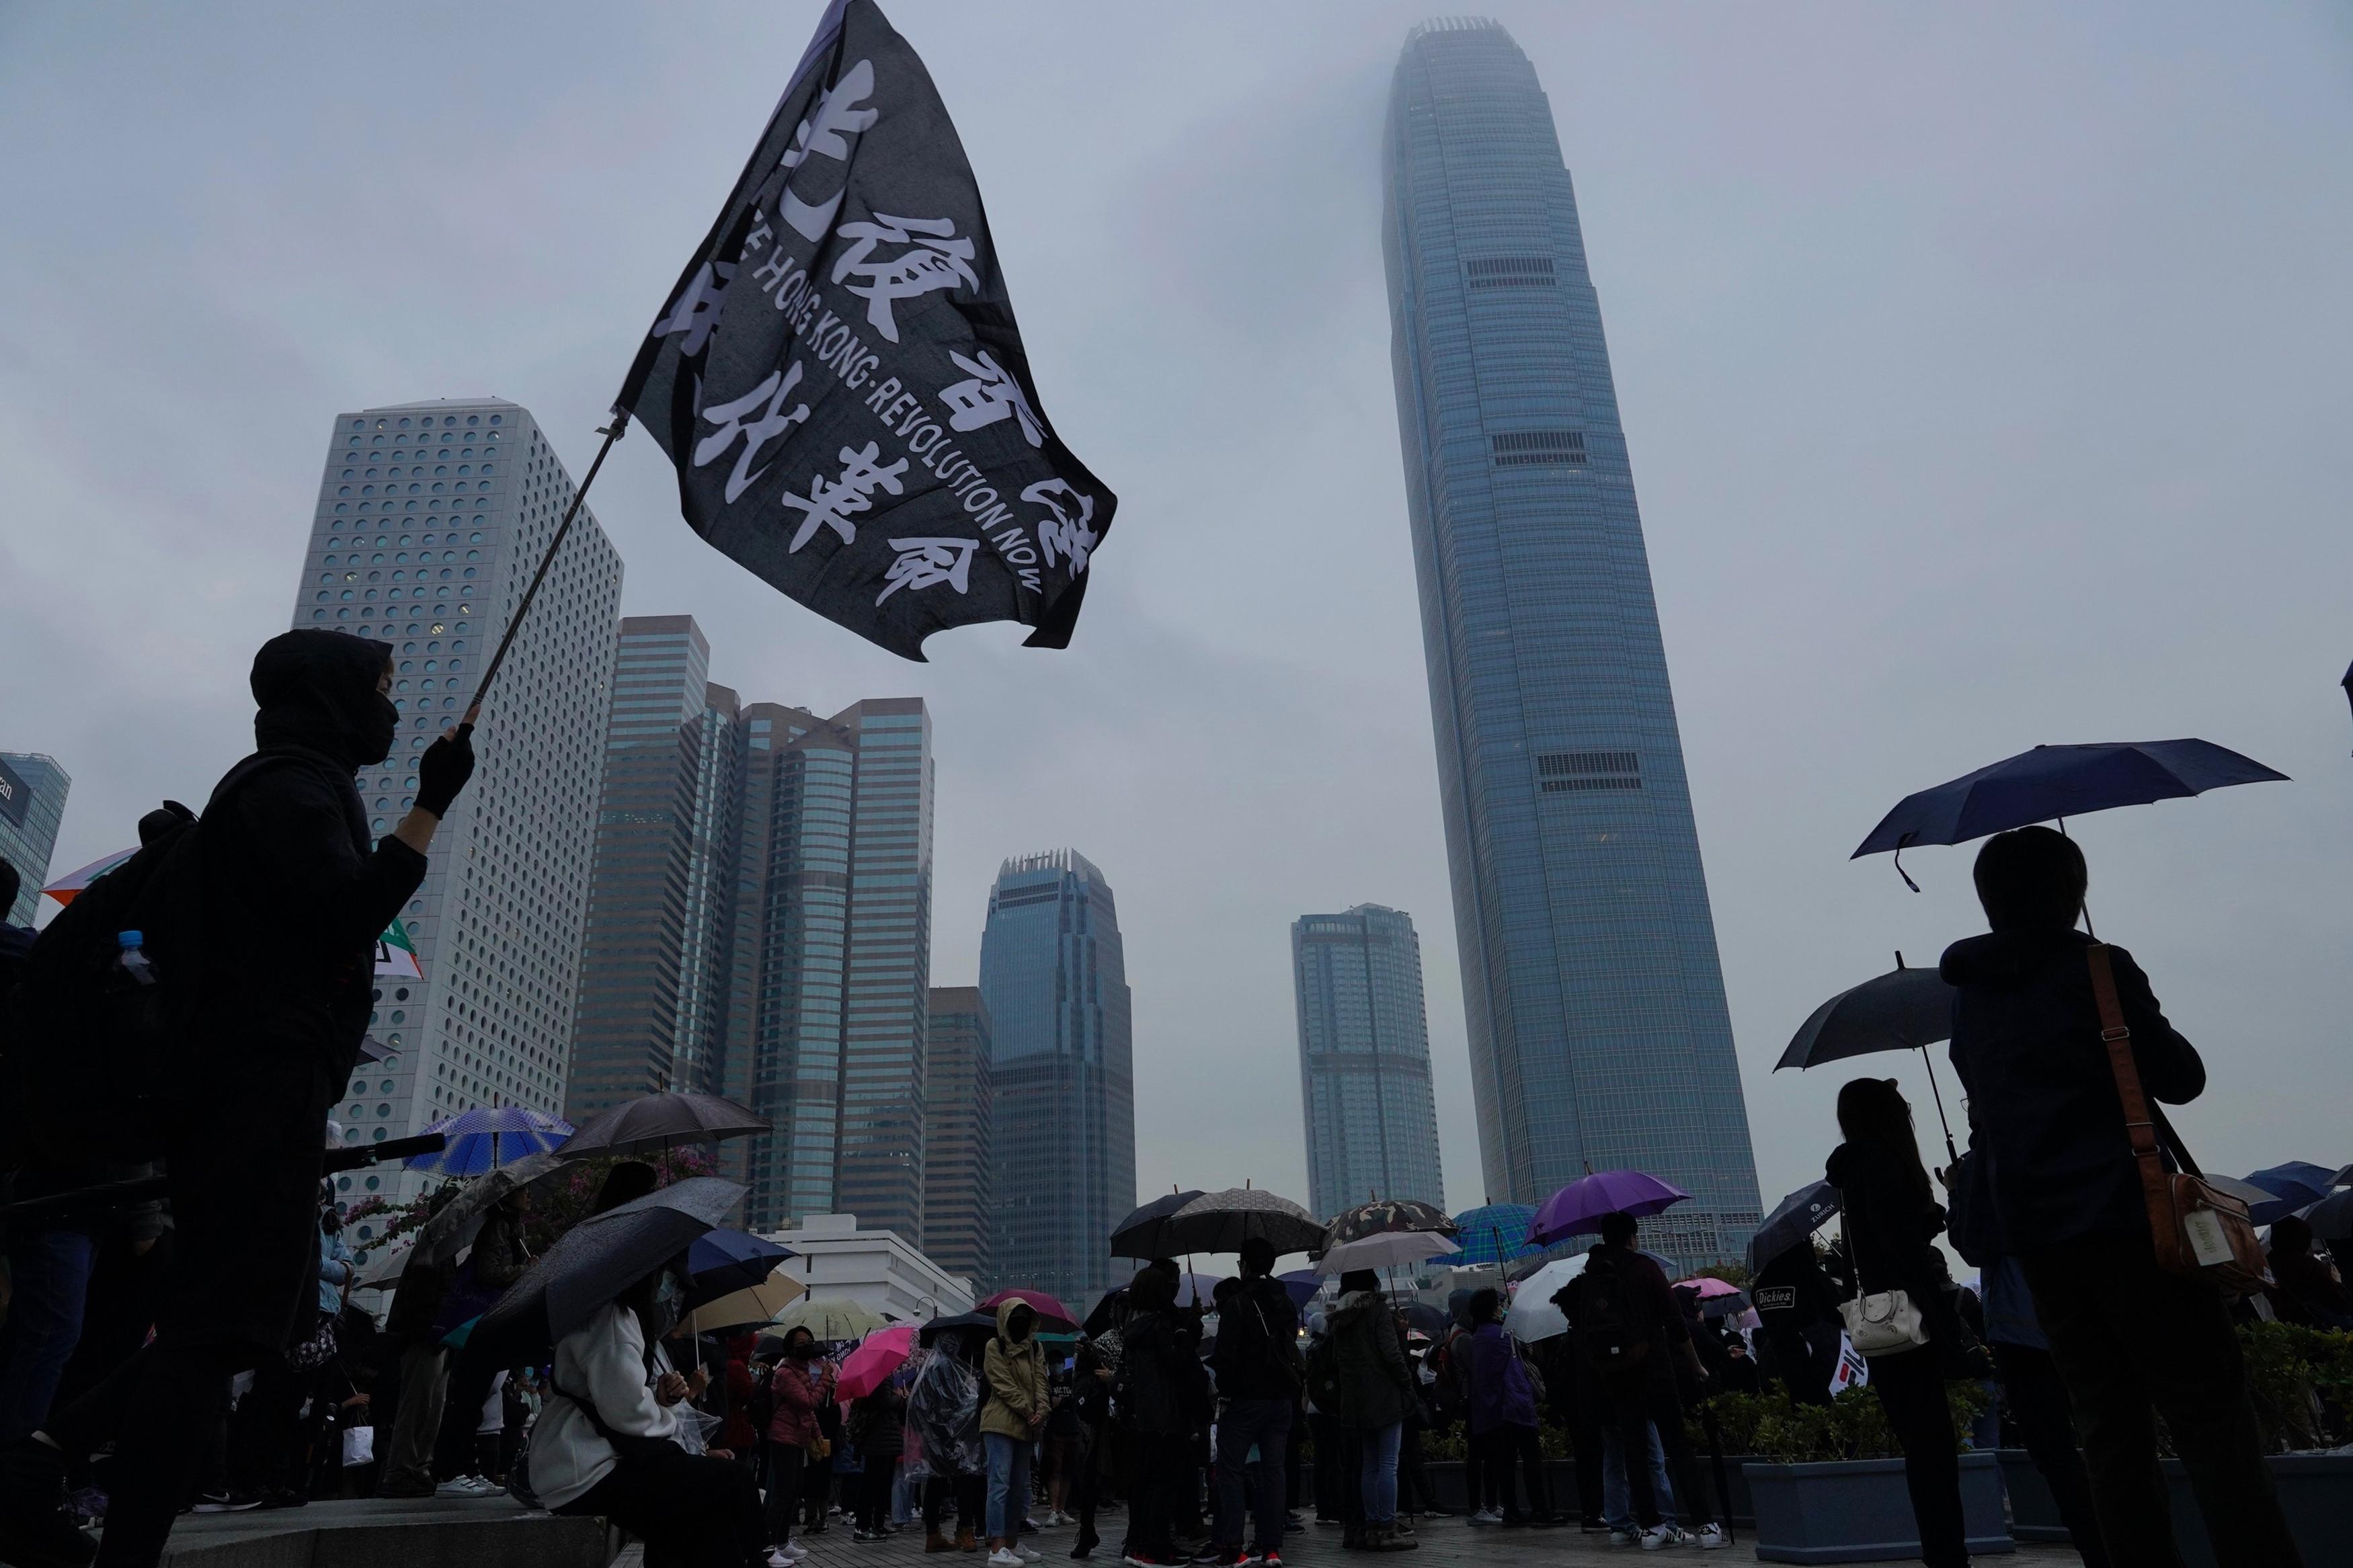 ▲▼5名香港青年參與反送中運動後,轉而搭乘充氣艇逃往台灣。(資料照/達志影像/美聯社)